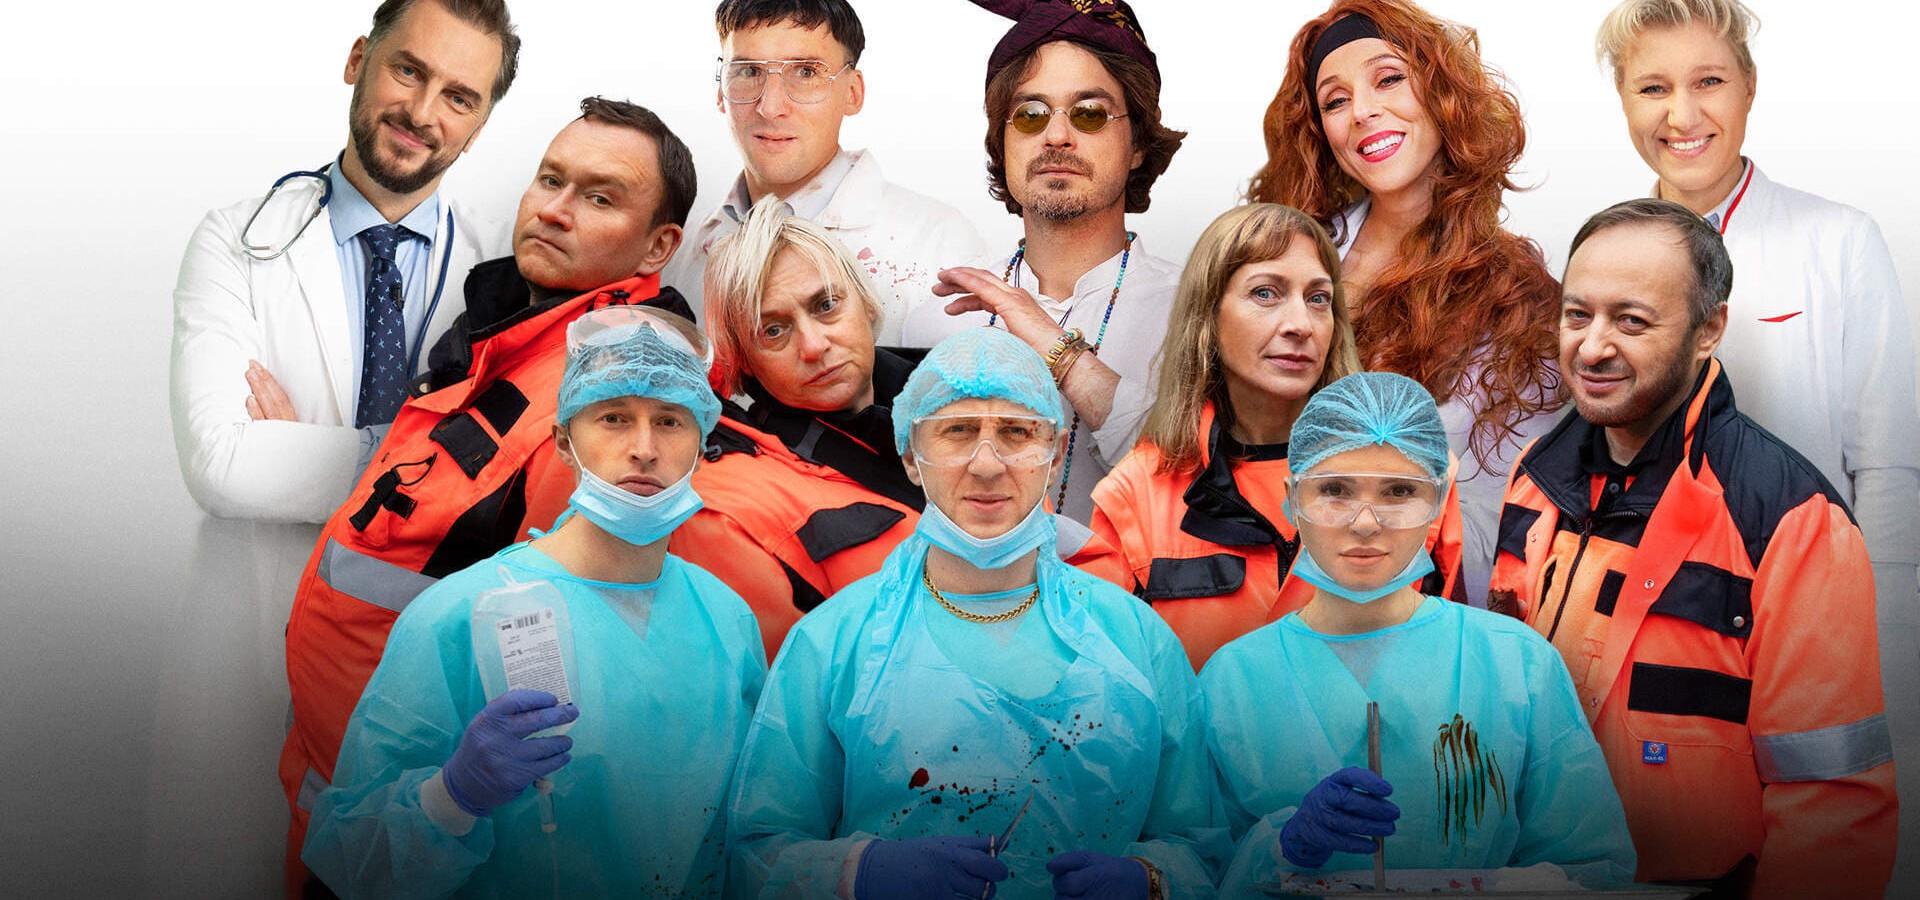 Medikai paramedikai